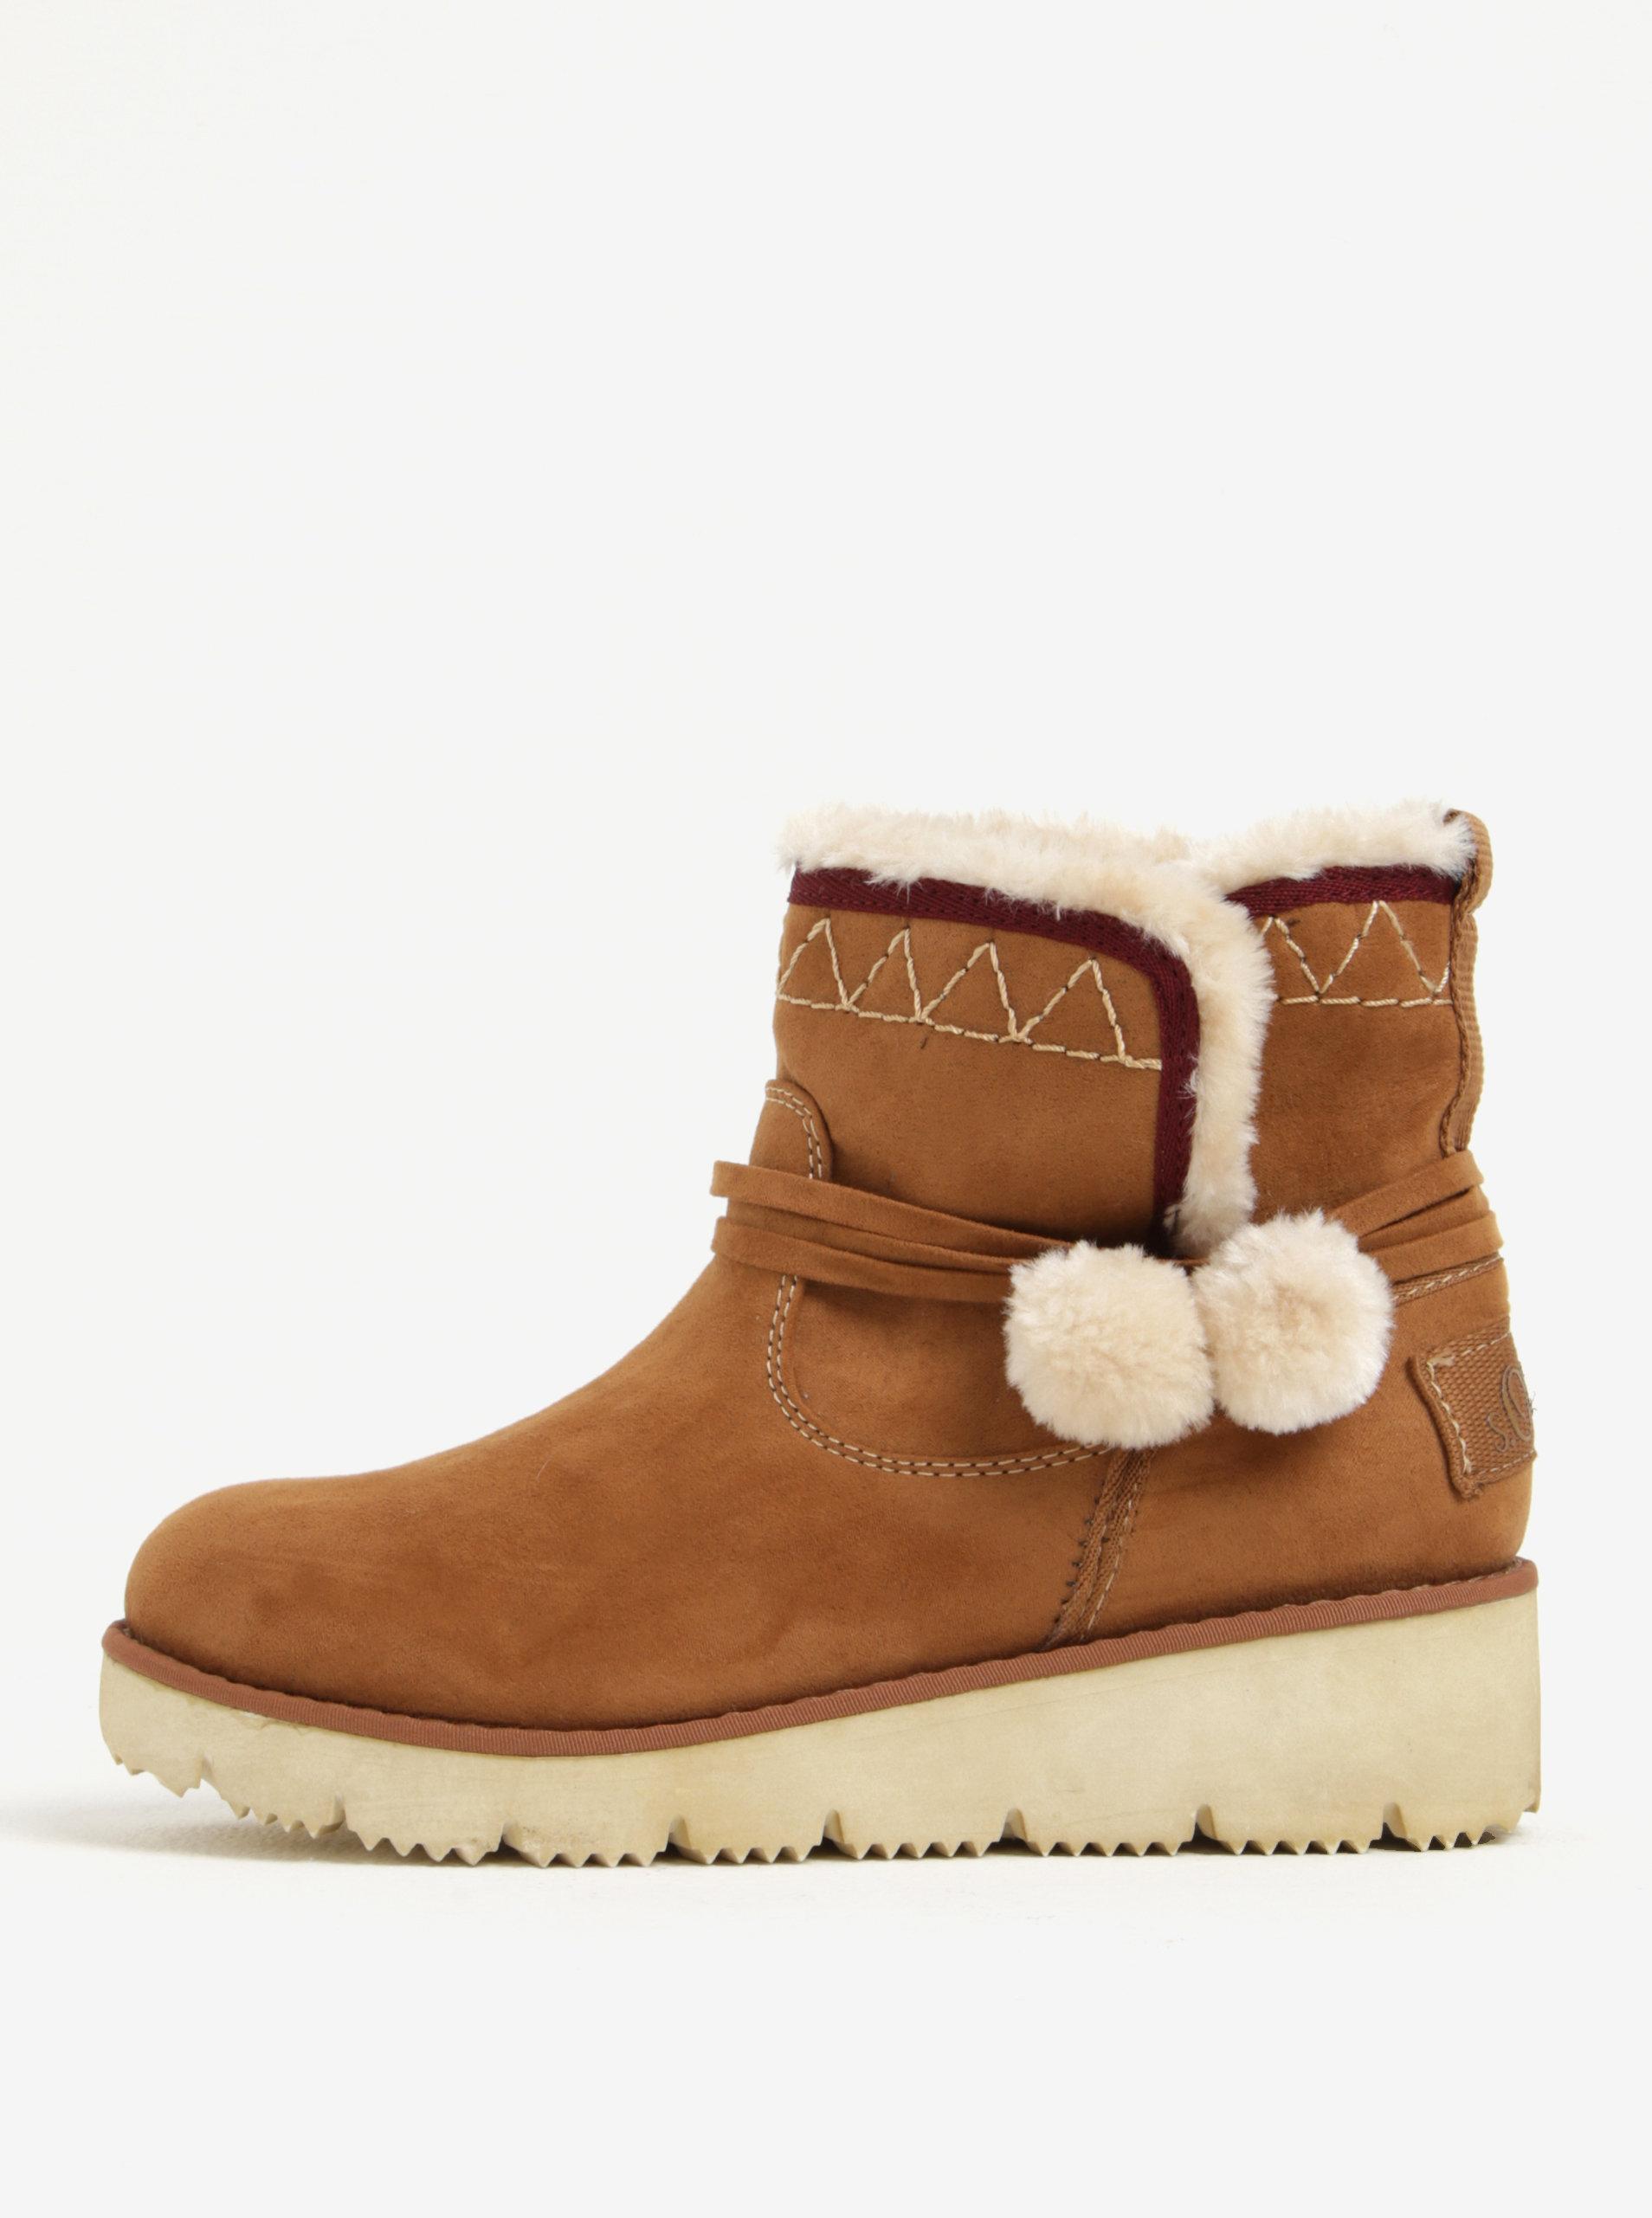 5b8091b3d4 Hnedé dámske zimné členkové topánky v semišovej úprave na platforme ...